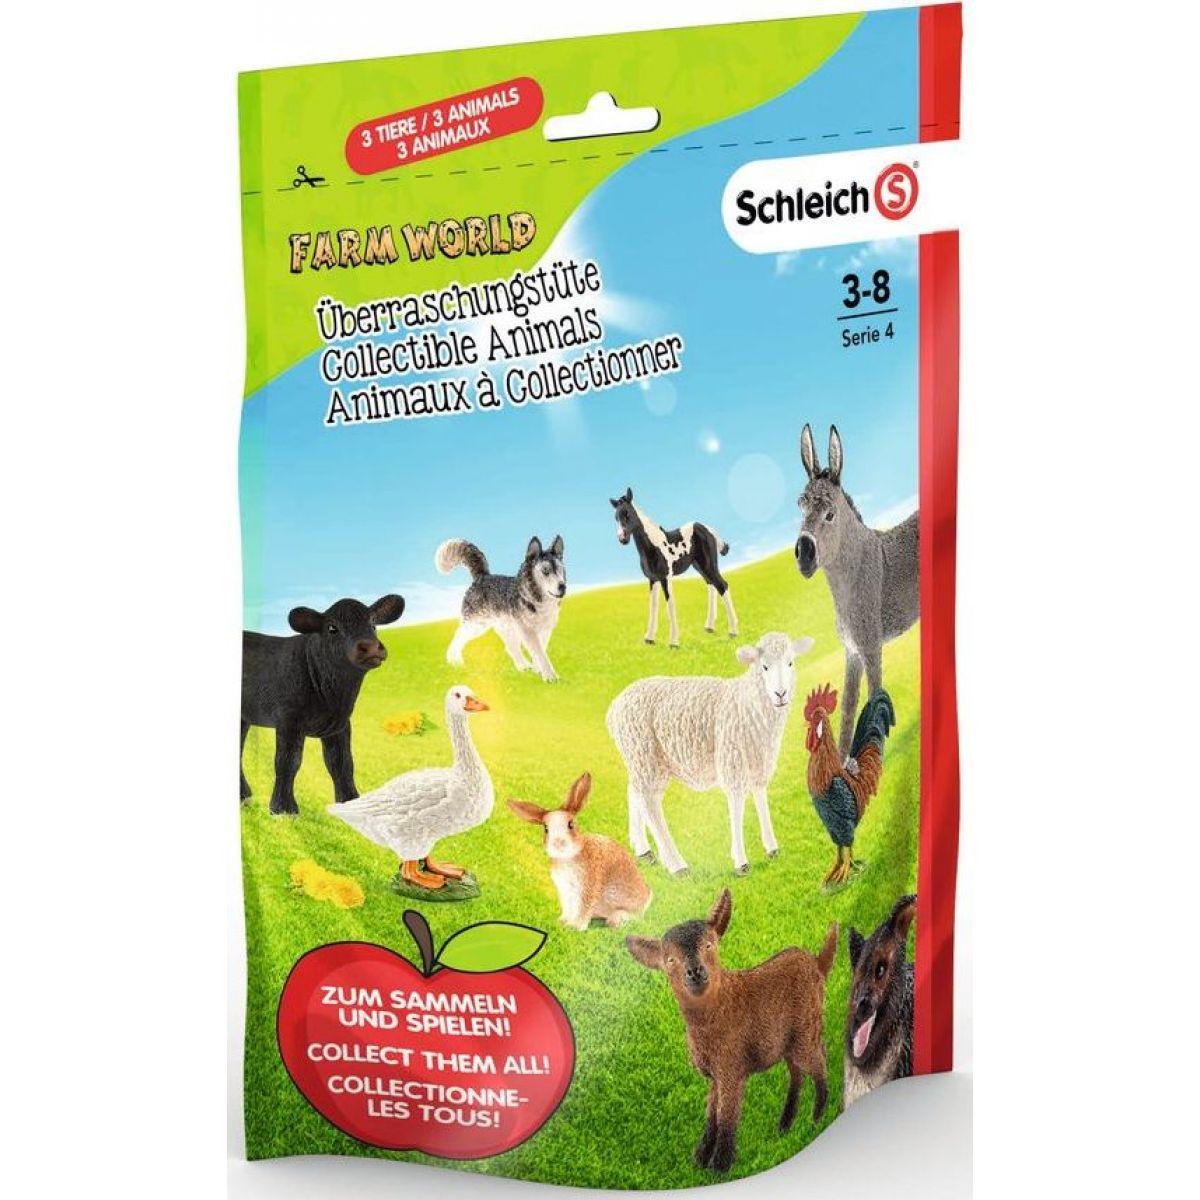 Schleich 87859 Vrecko s prekvapením farmárske zvieratká L séria 4